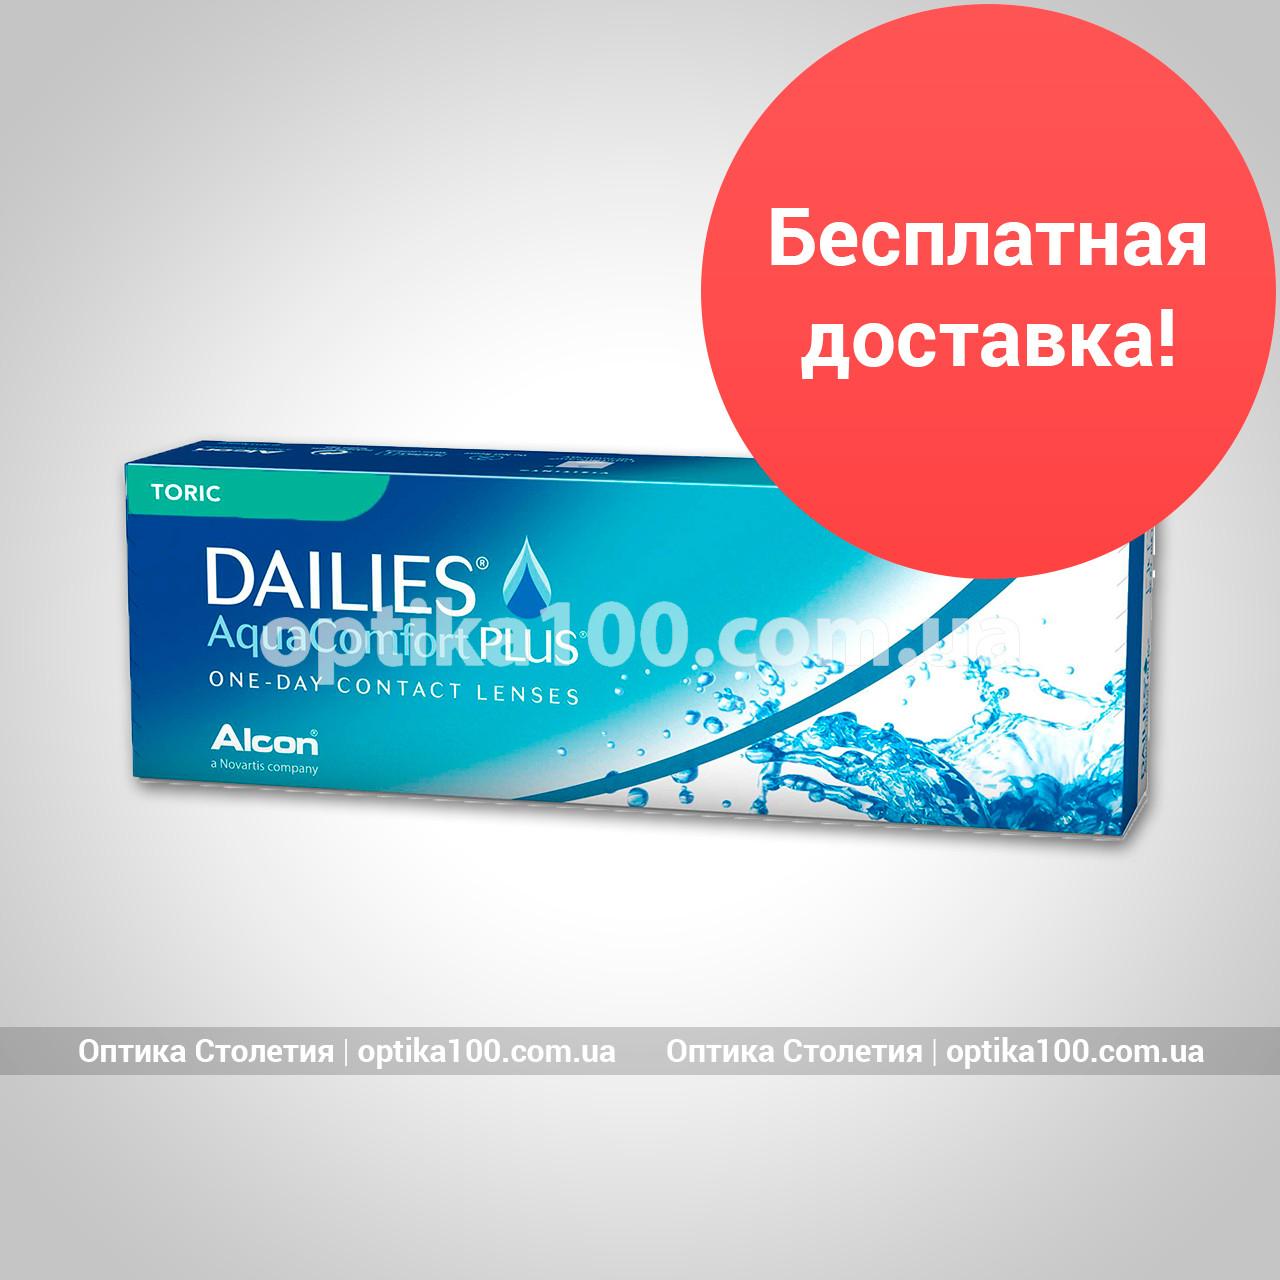 Контактные линзы Dailies Aqua Сomfort Plus Toric. 30 шт. упаковка